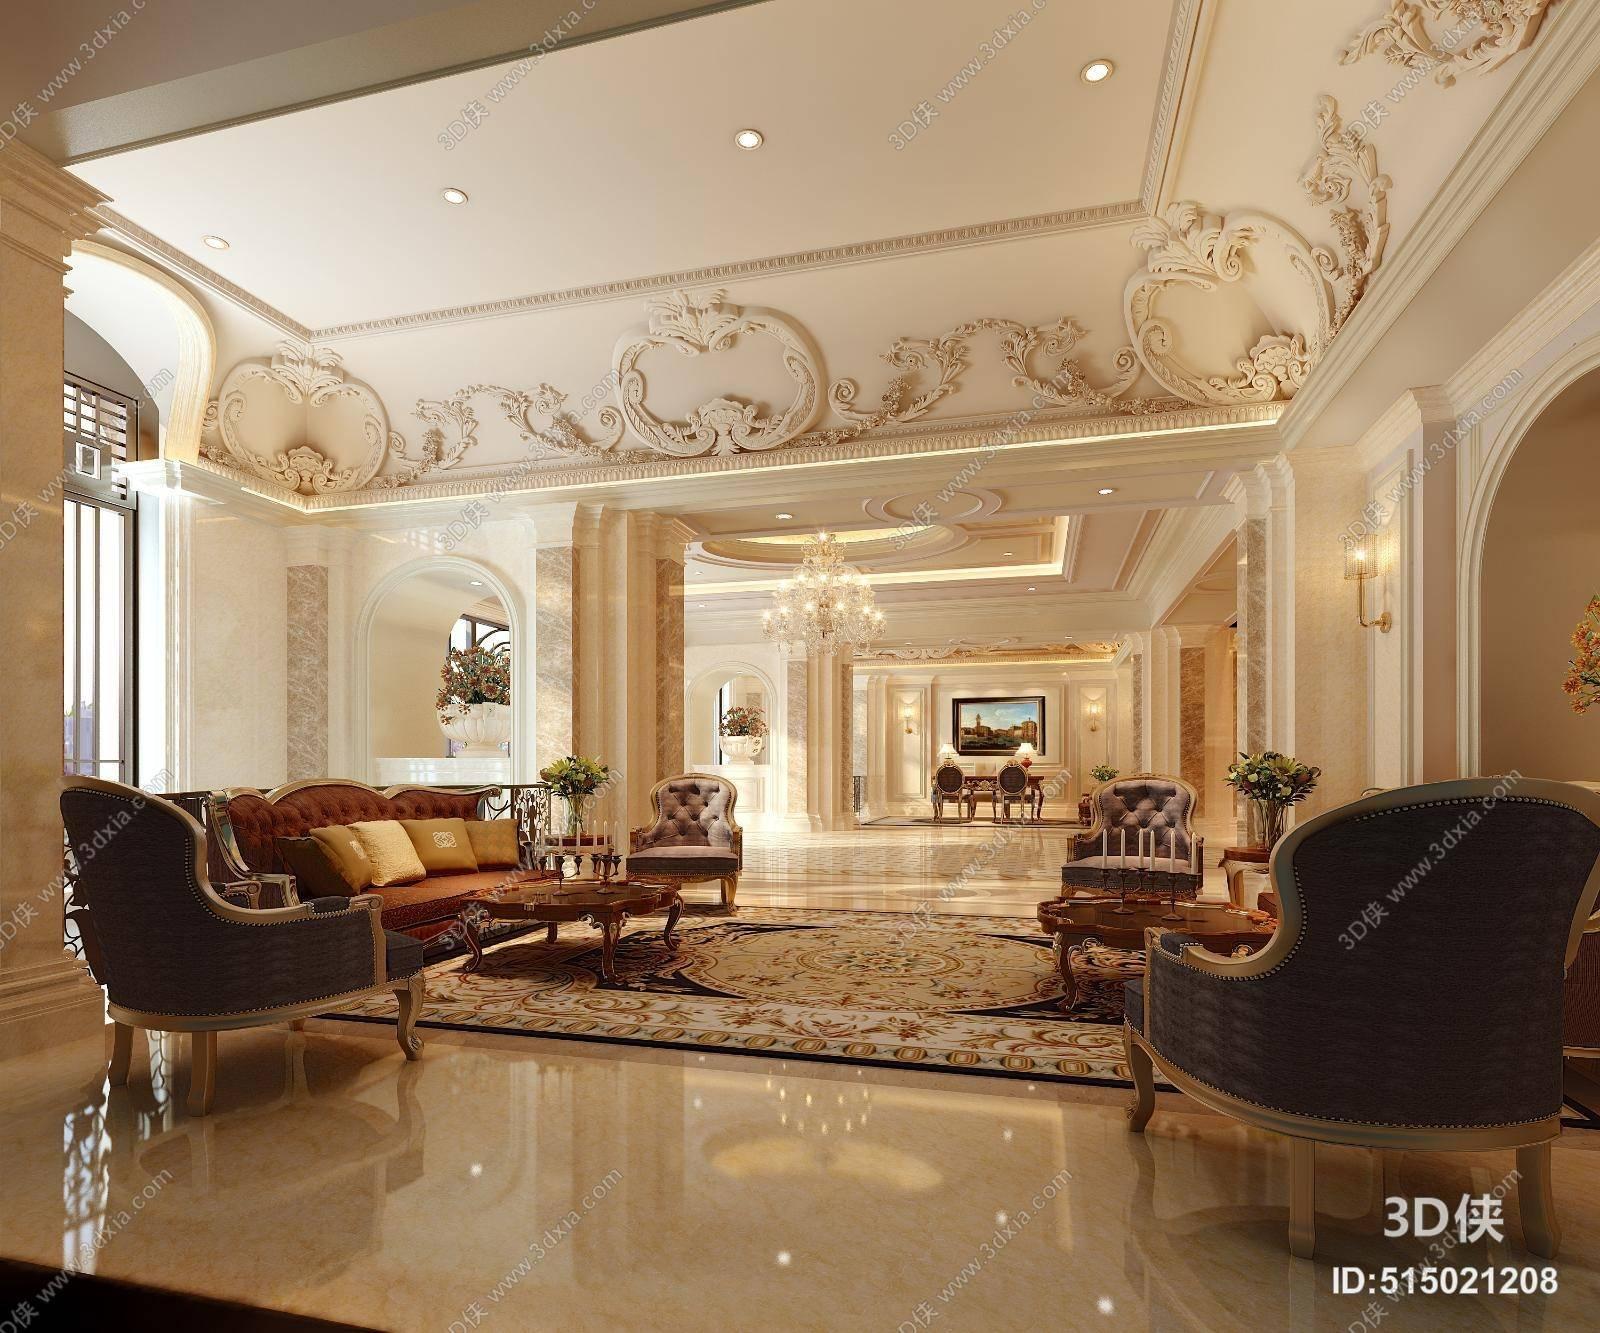 2010,建议使用3dmax 2012 软件打开,该经典欧式酒店休息区图片素材